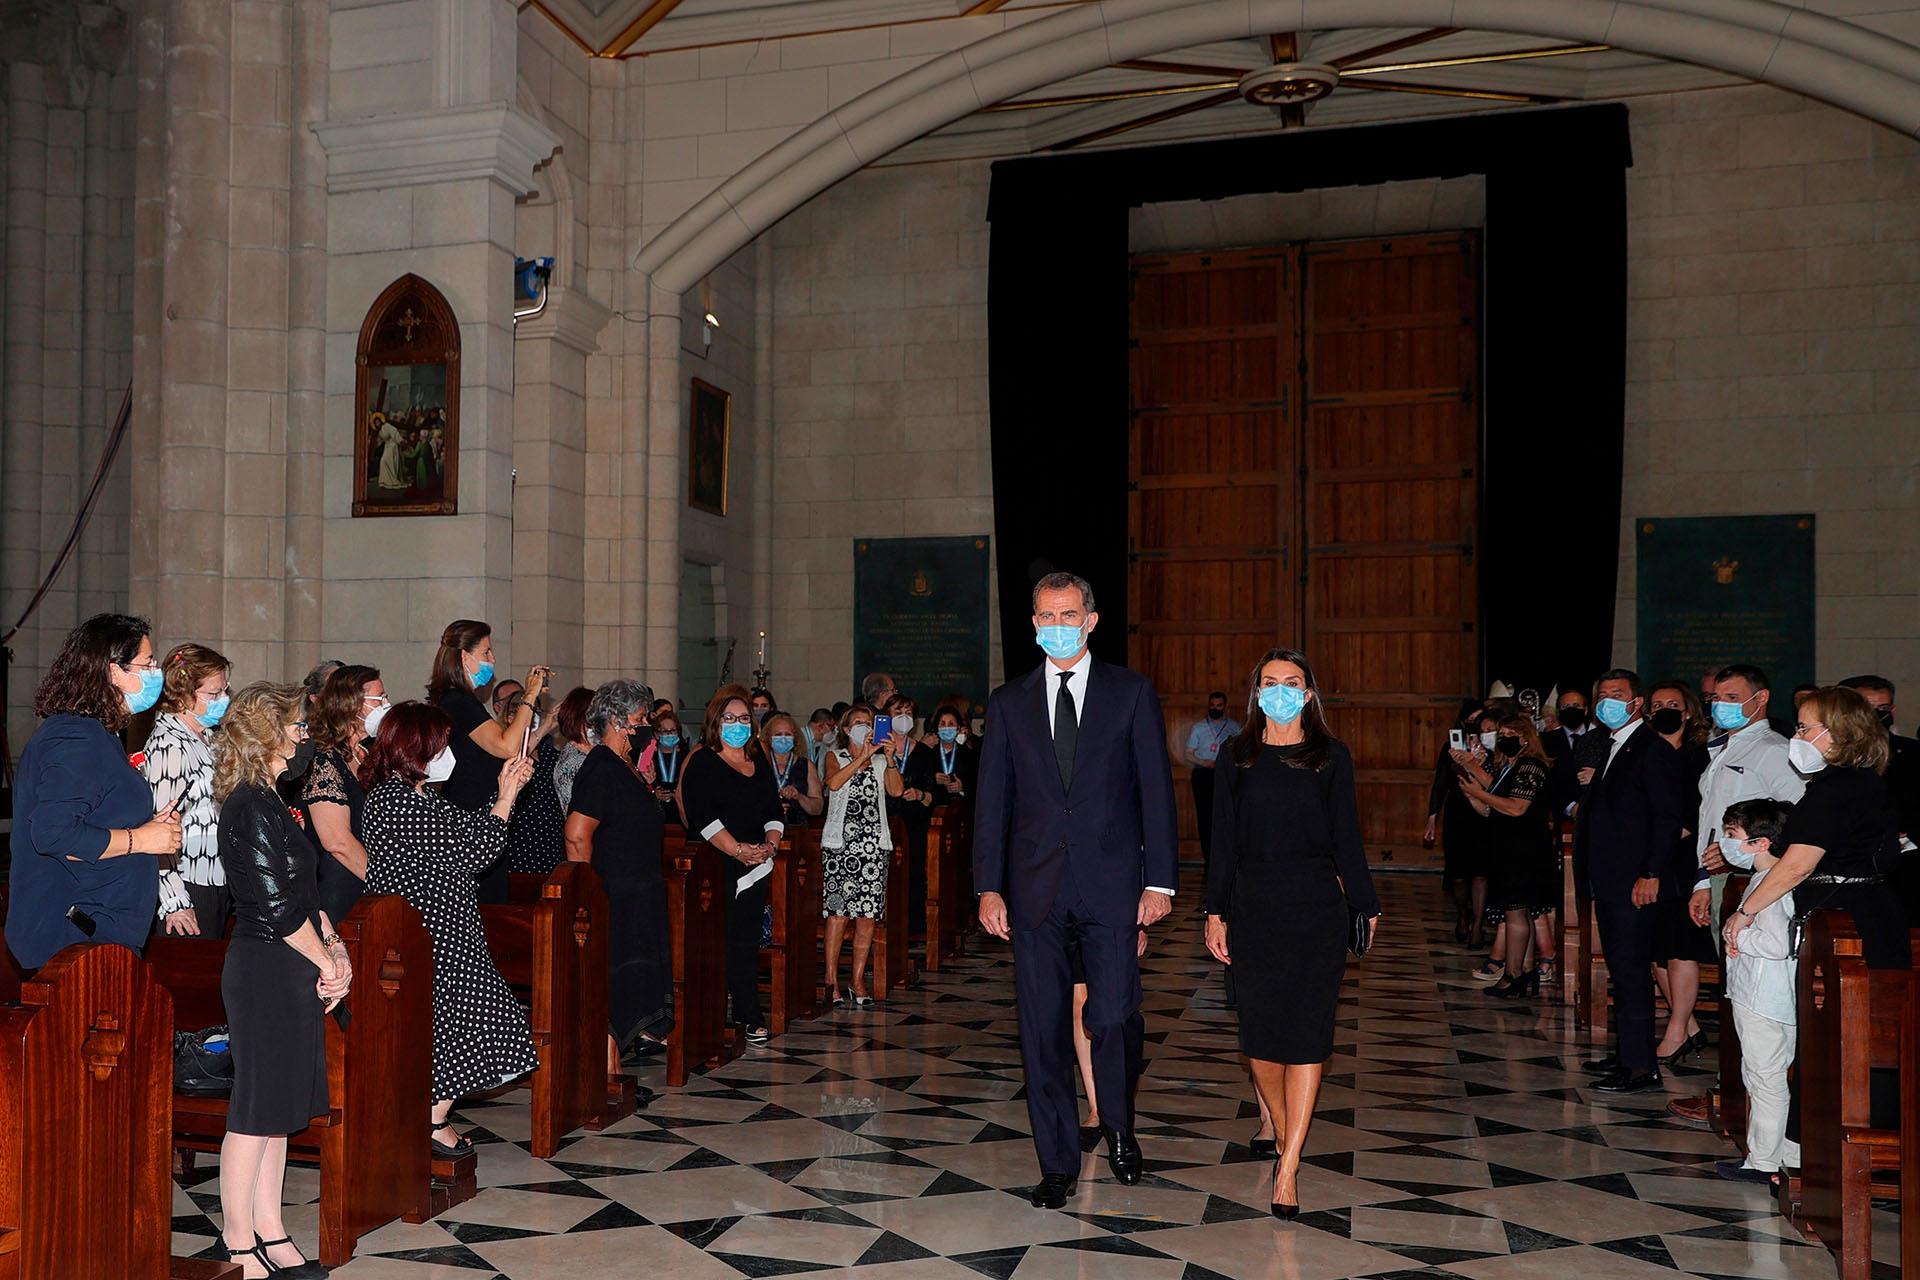 La entrada de los reyes Felipe y Letizia a la catedral de Santa María la Real de la Almudena, en Madrid, donde se llevó a cabo la misa en memoria de las víctimas del COVID-19